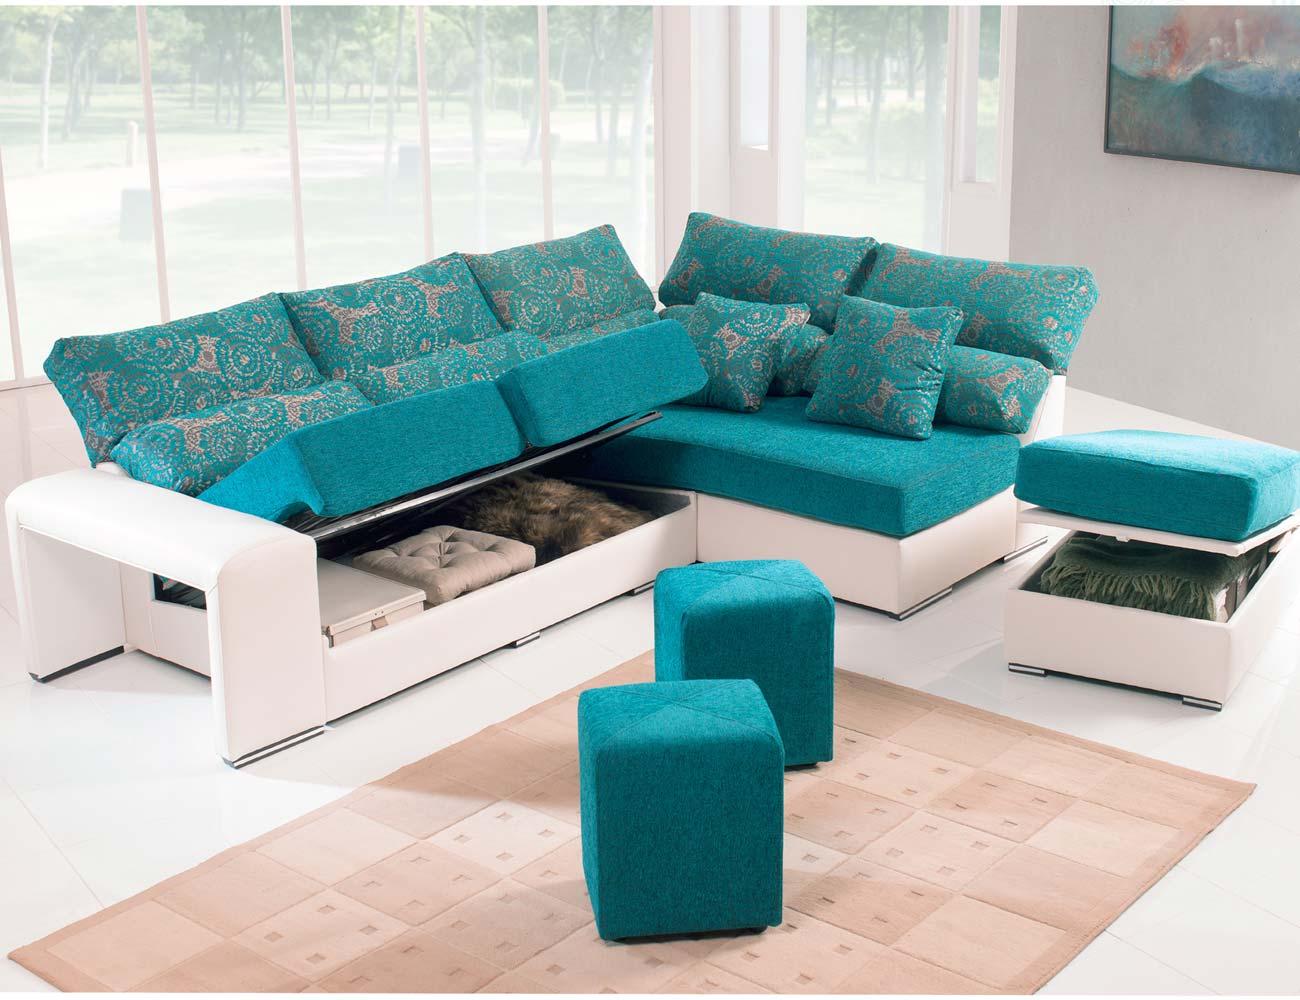 Sofa chaiselongue rincon puff arcon taburete35